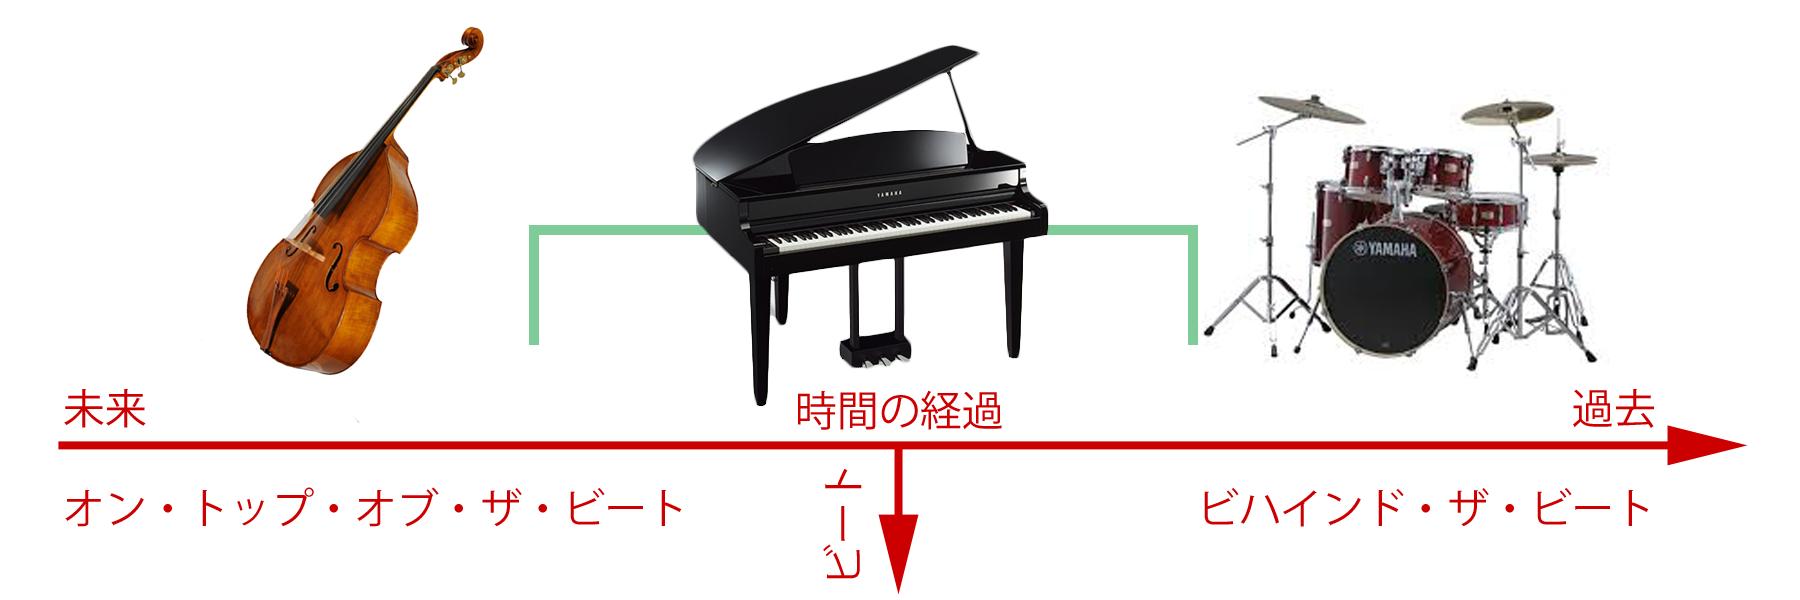 通常のグルーヴするピアノトリオ